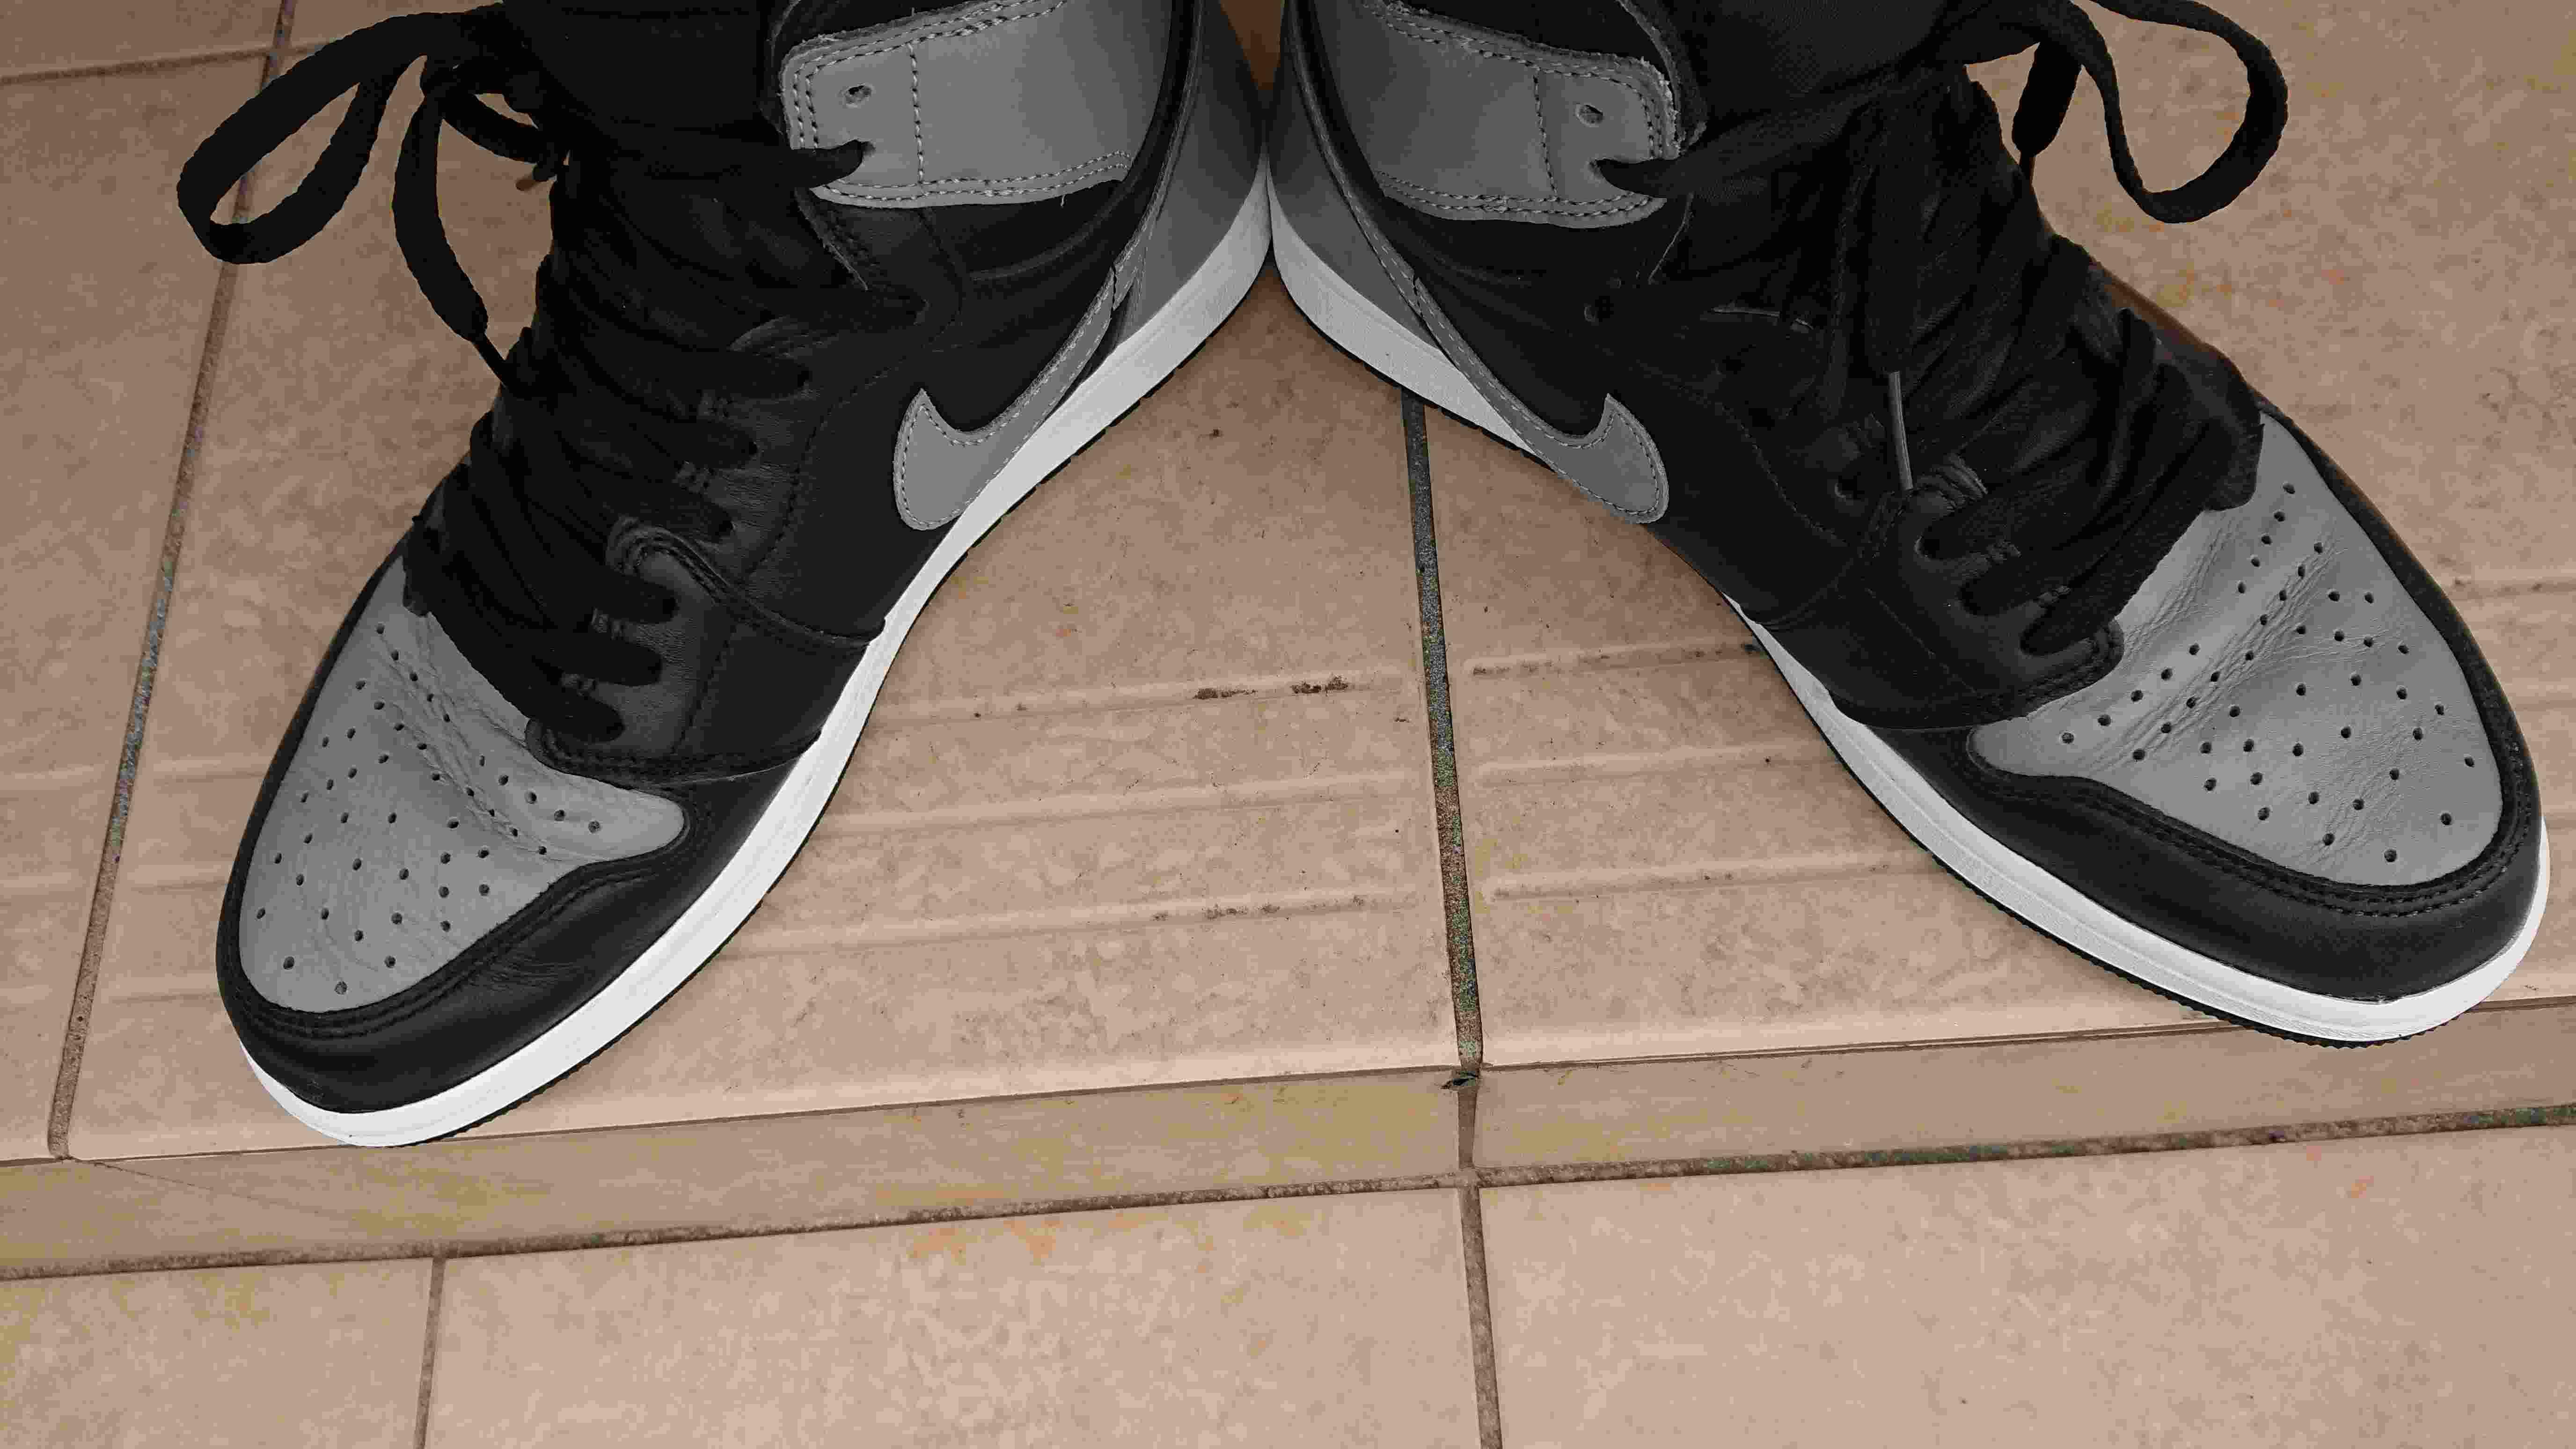 shadowいいですよねぇ。 映画kickを見てからaj1を履きたくて履きたくて